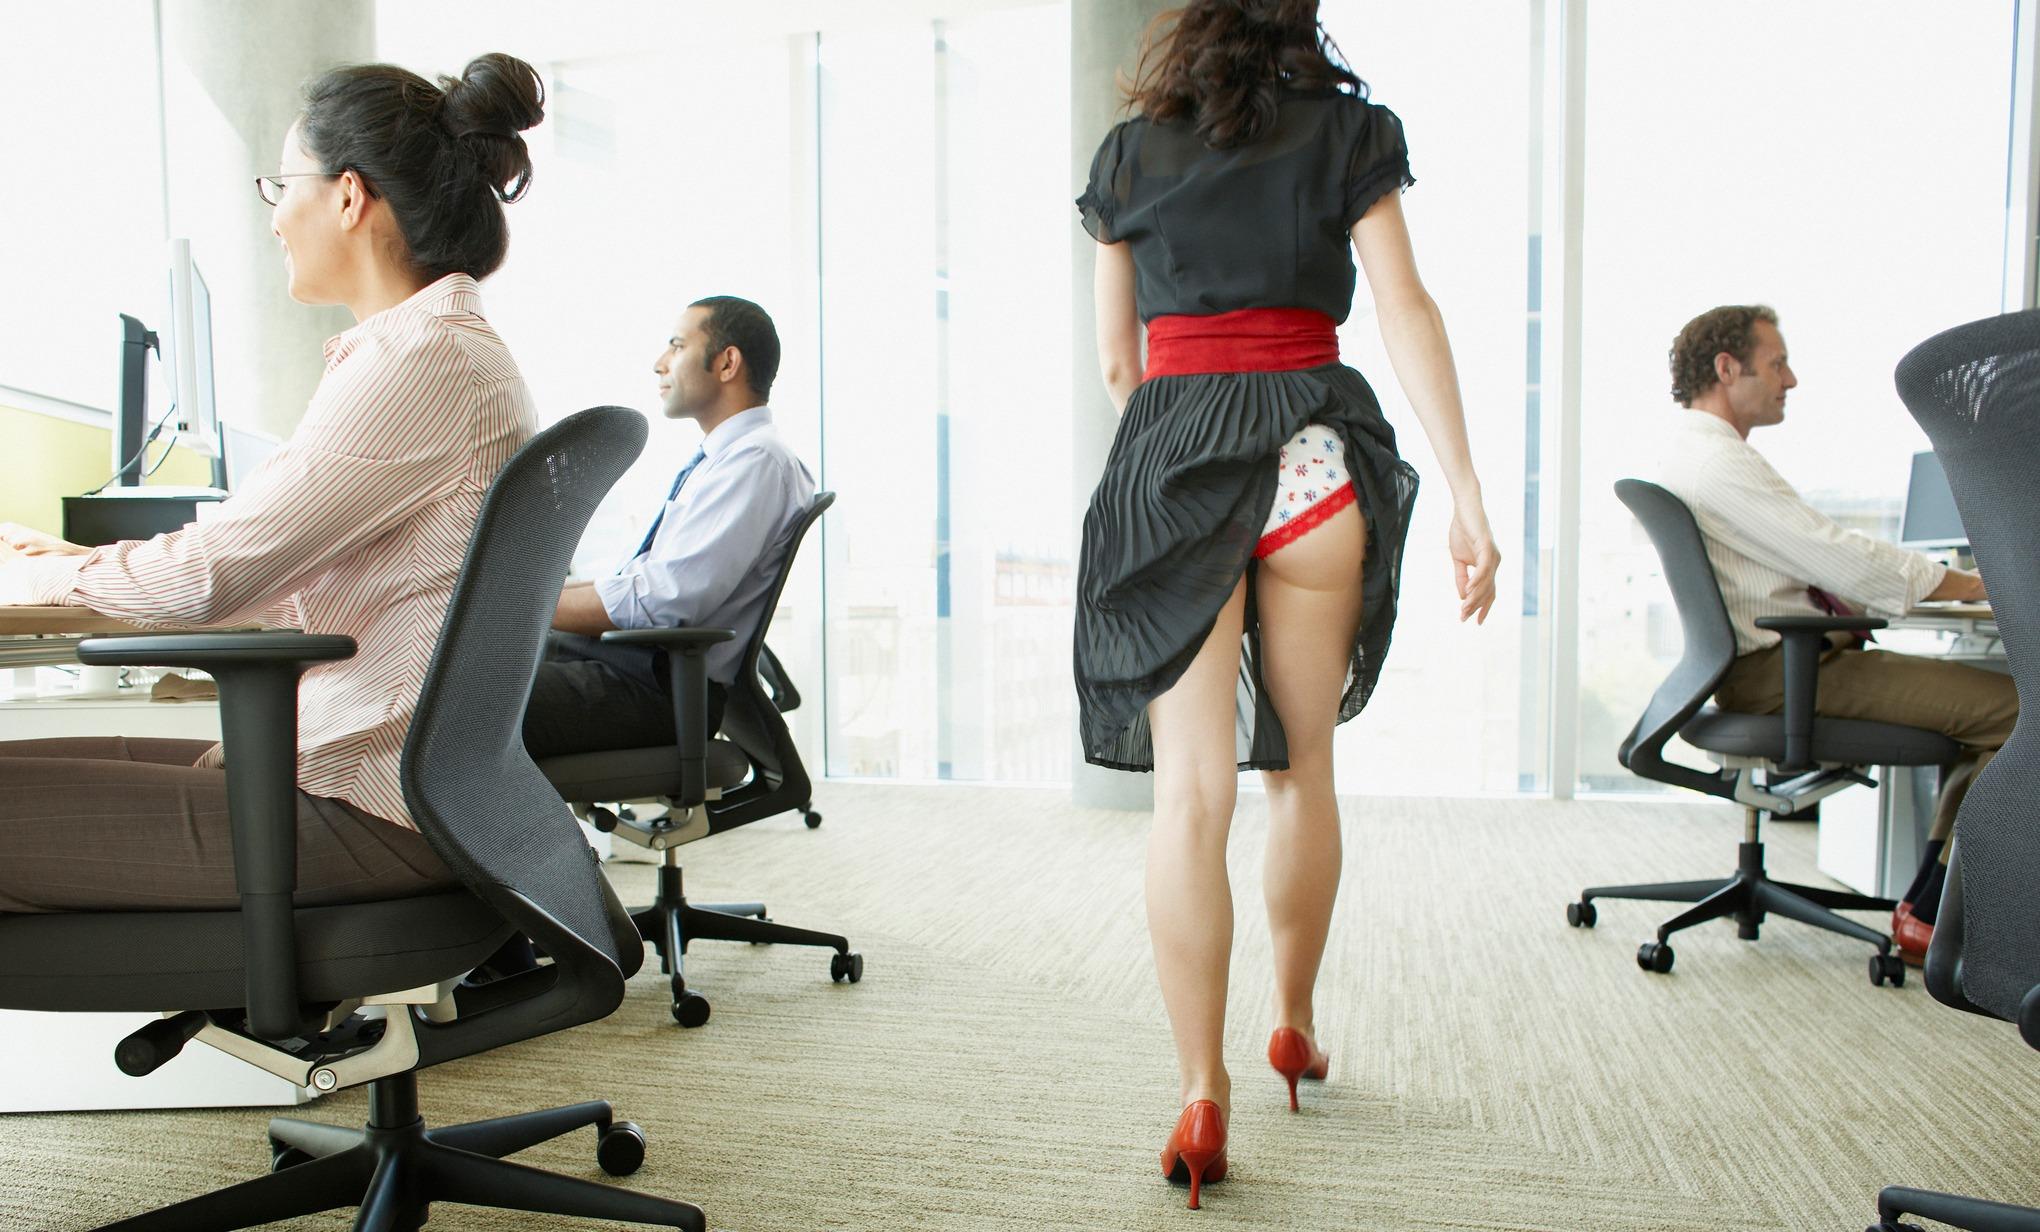 офисные работники под юбками - 10